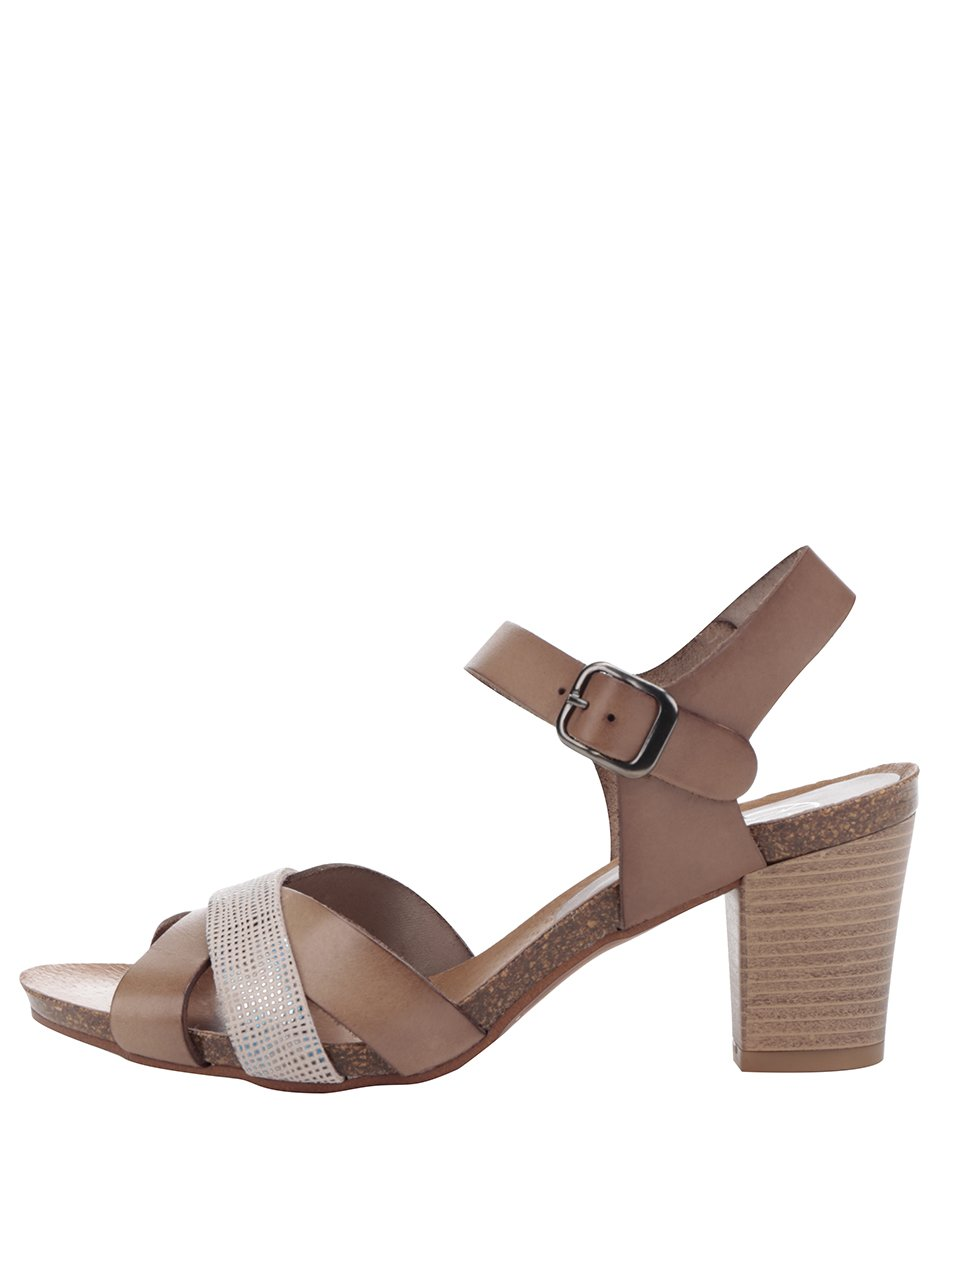 Hnědé kožené sandálky na nízkém podpatku OJJU